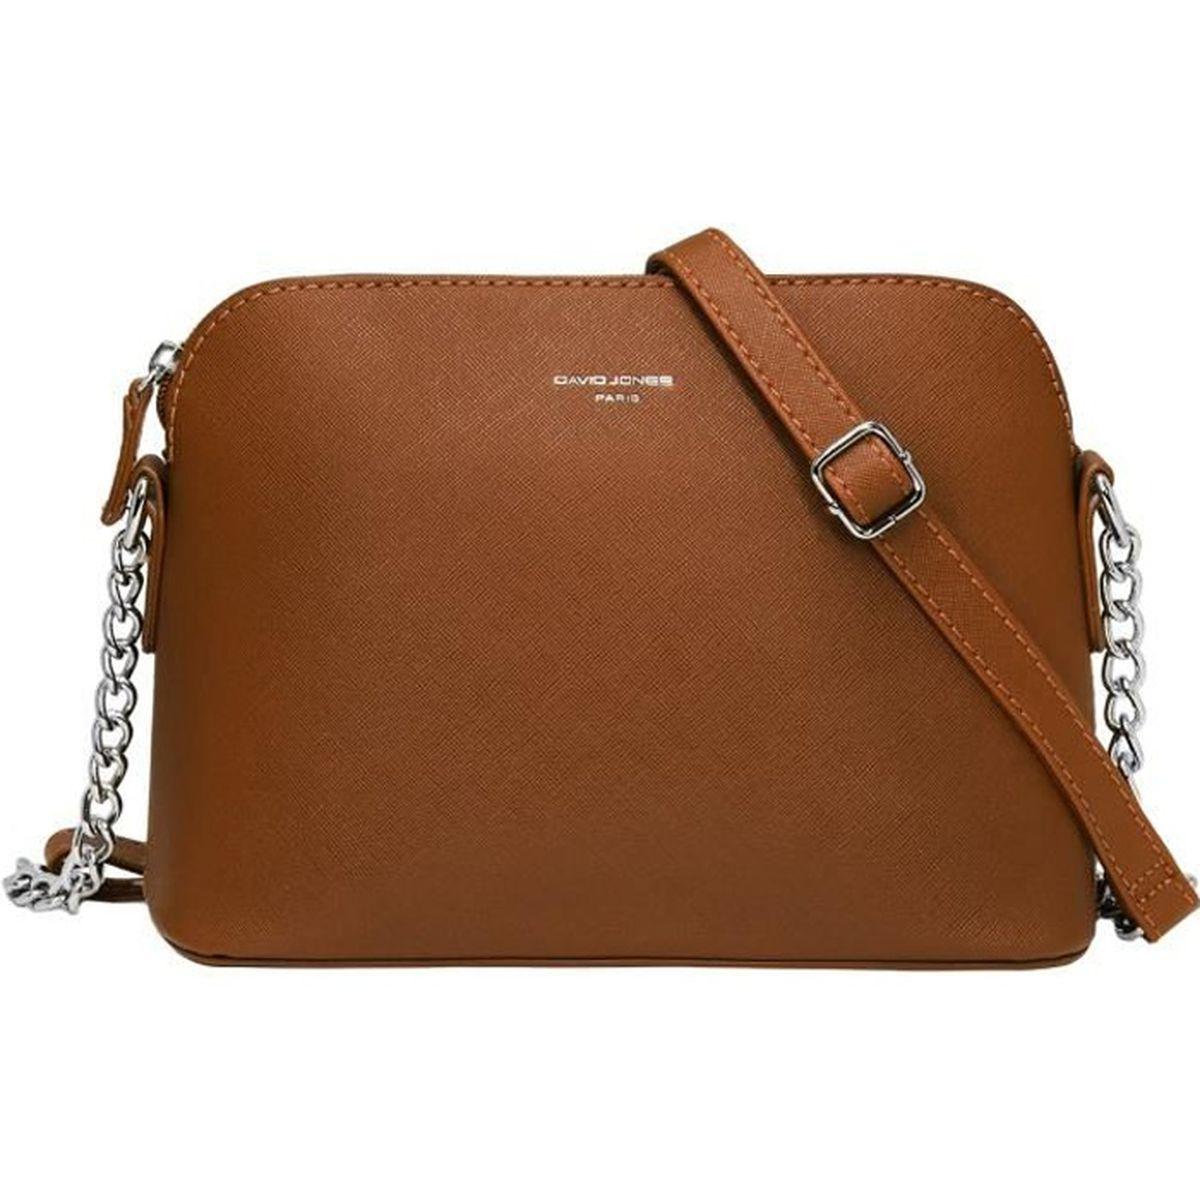 1b10622e97 Petit sac en cuir - Achat / Vente pas cher